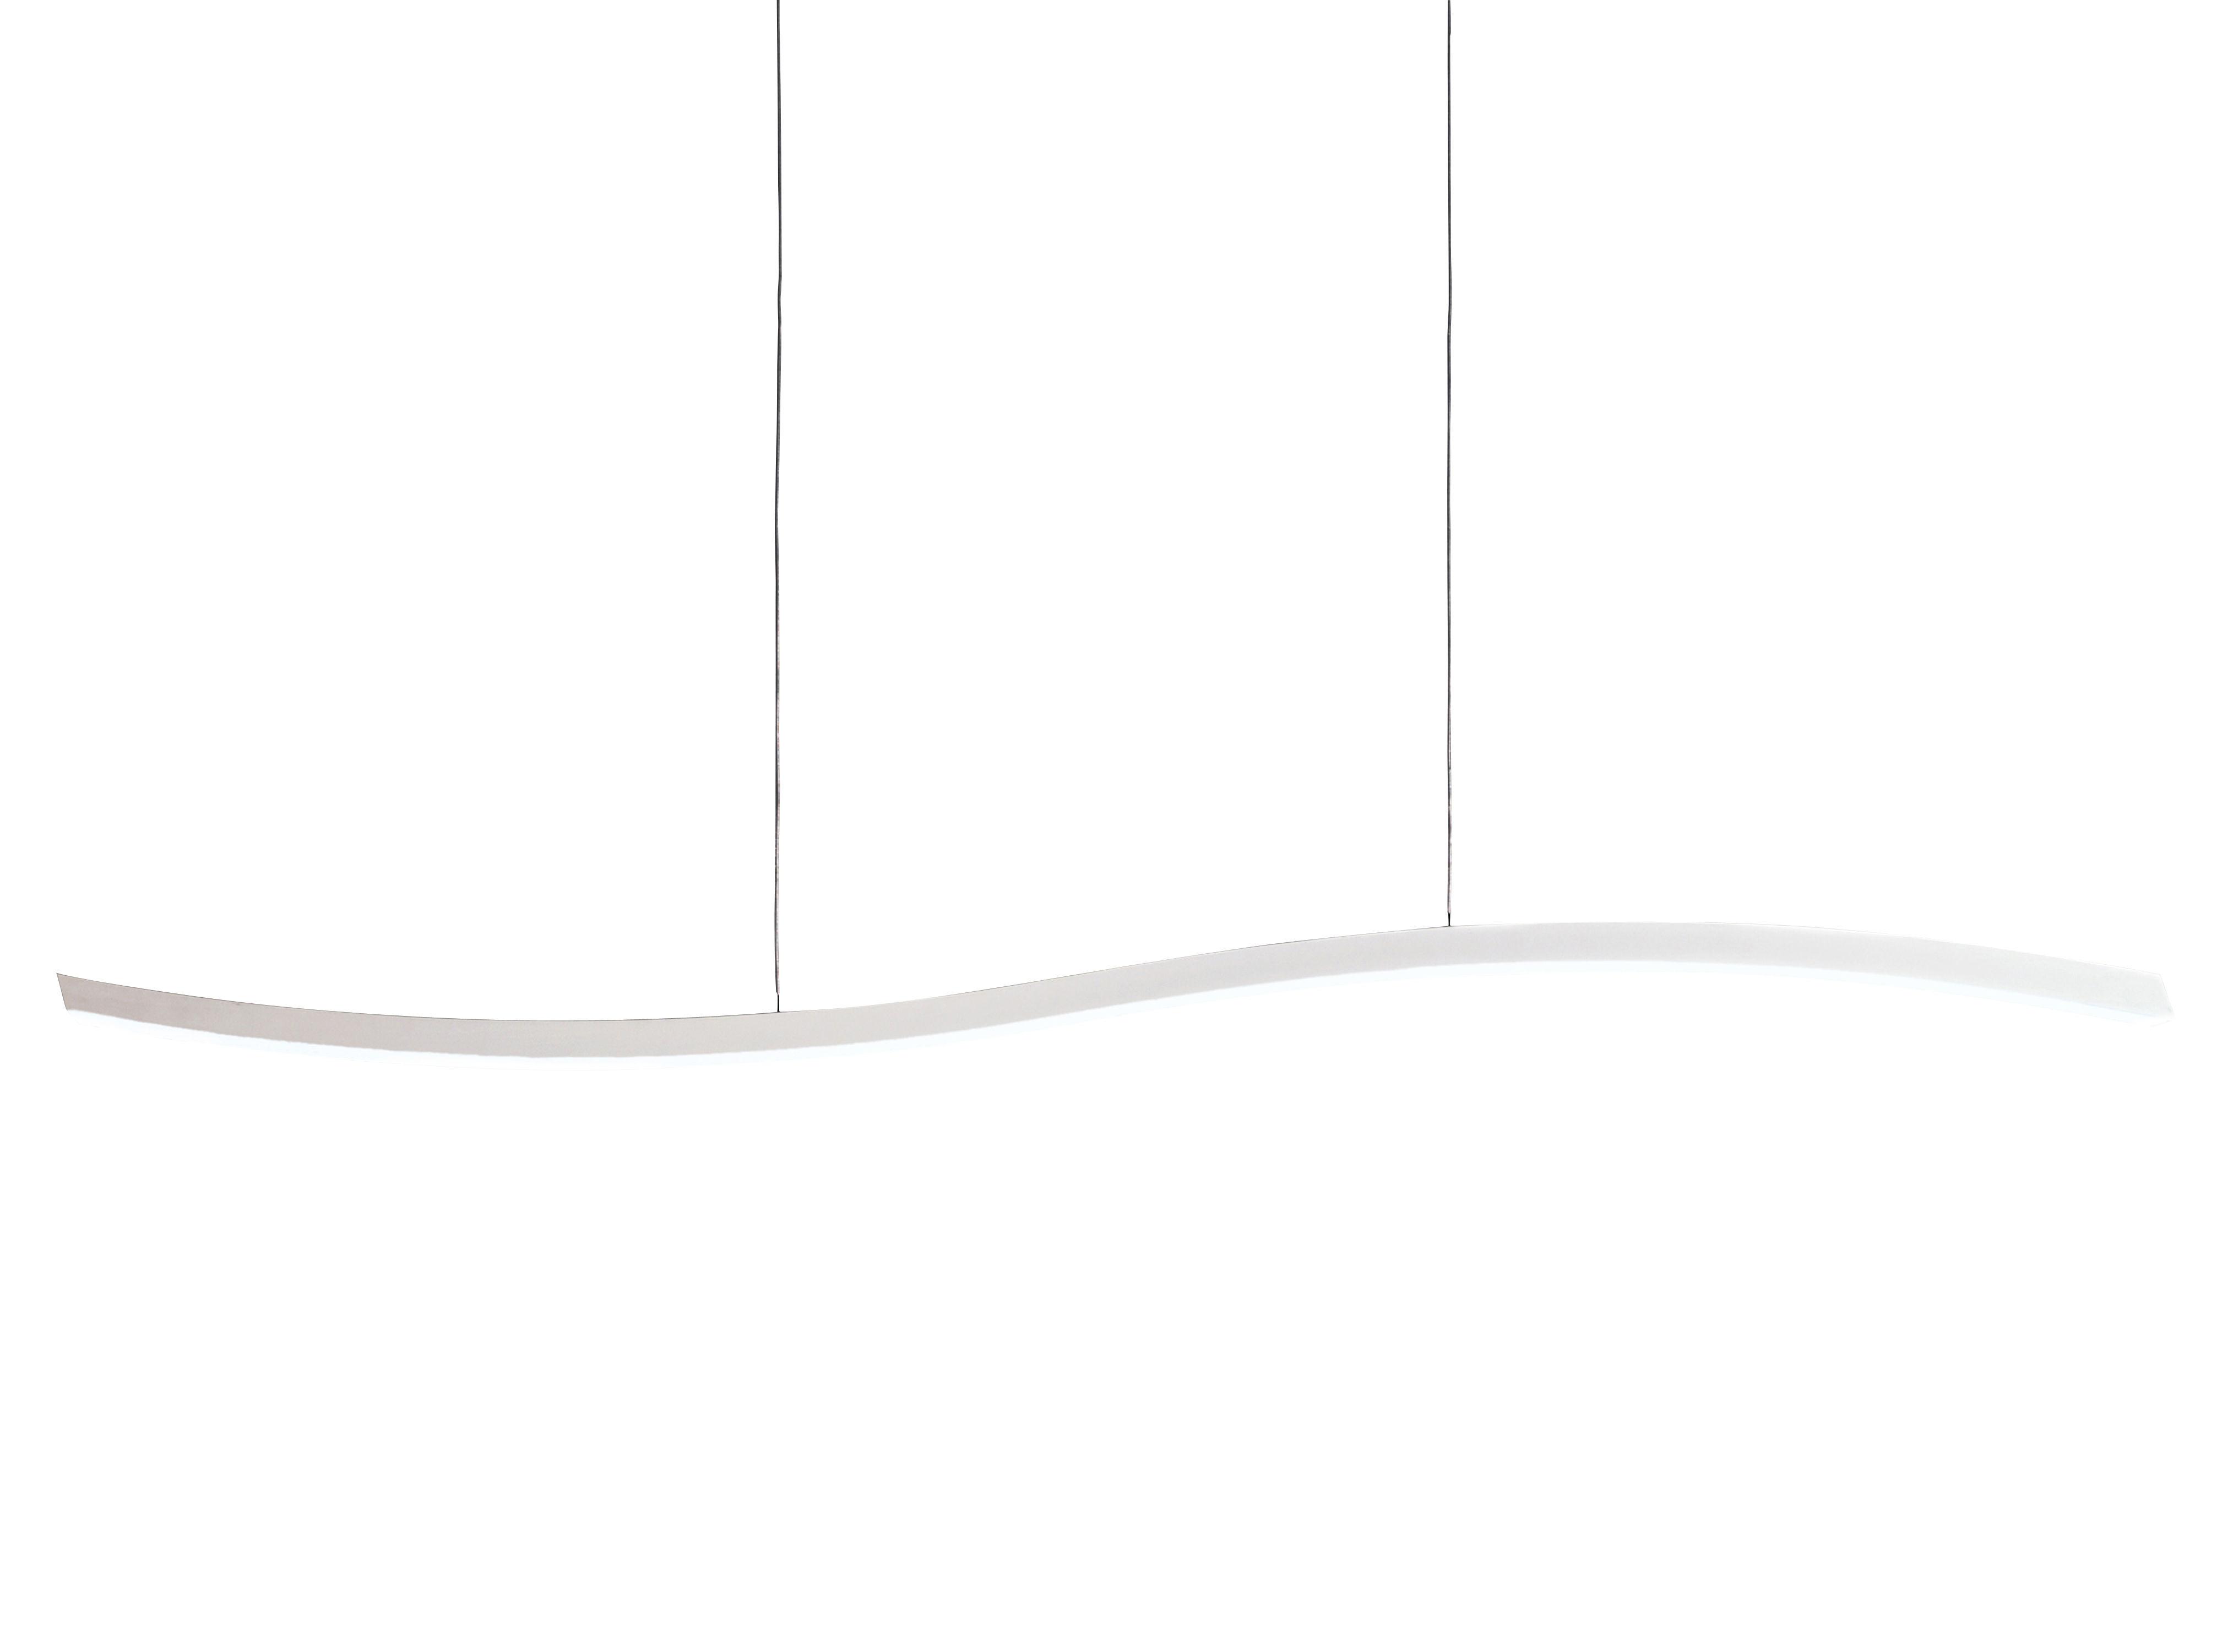 Luminaire - Suspensions - Suspension Serpentine 364 Leds - Fontana Arte - Blanc - Aluminium laqué